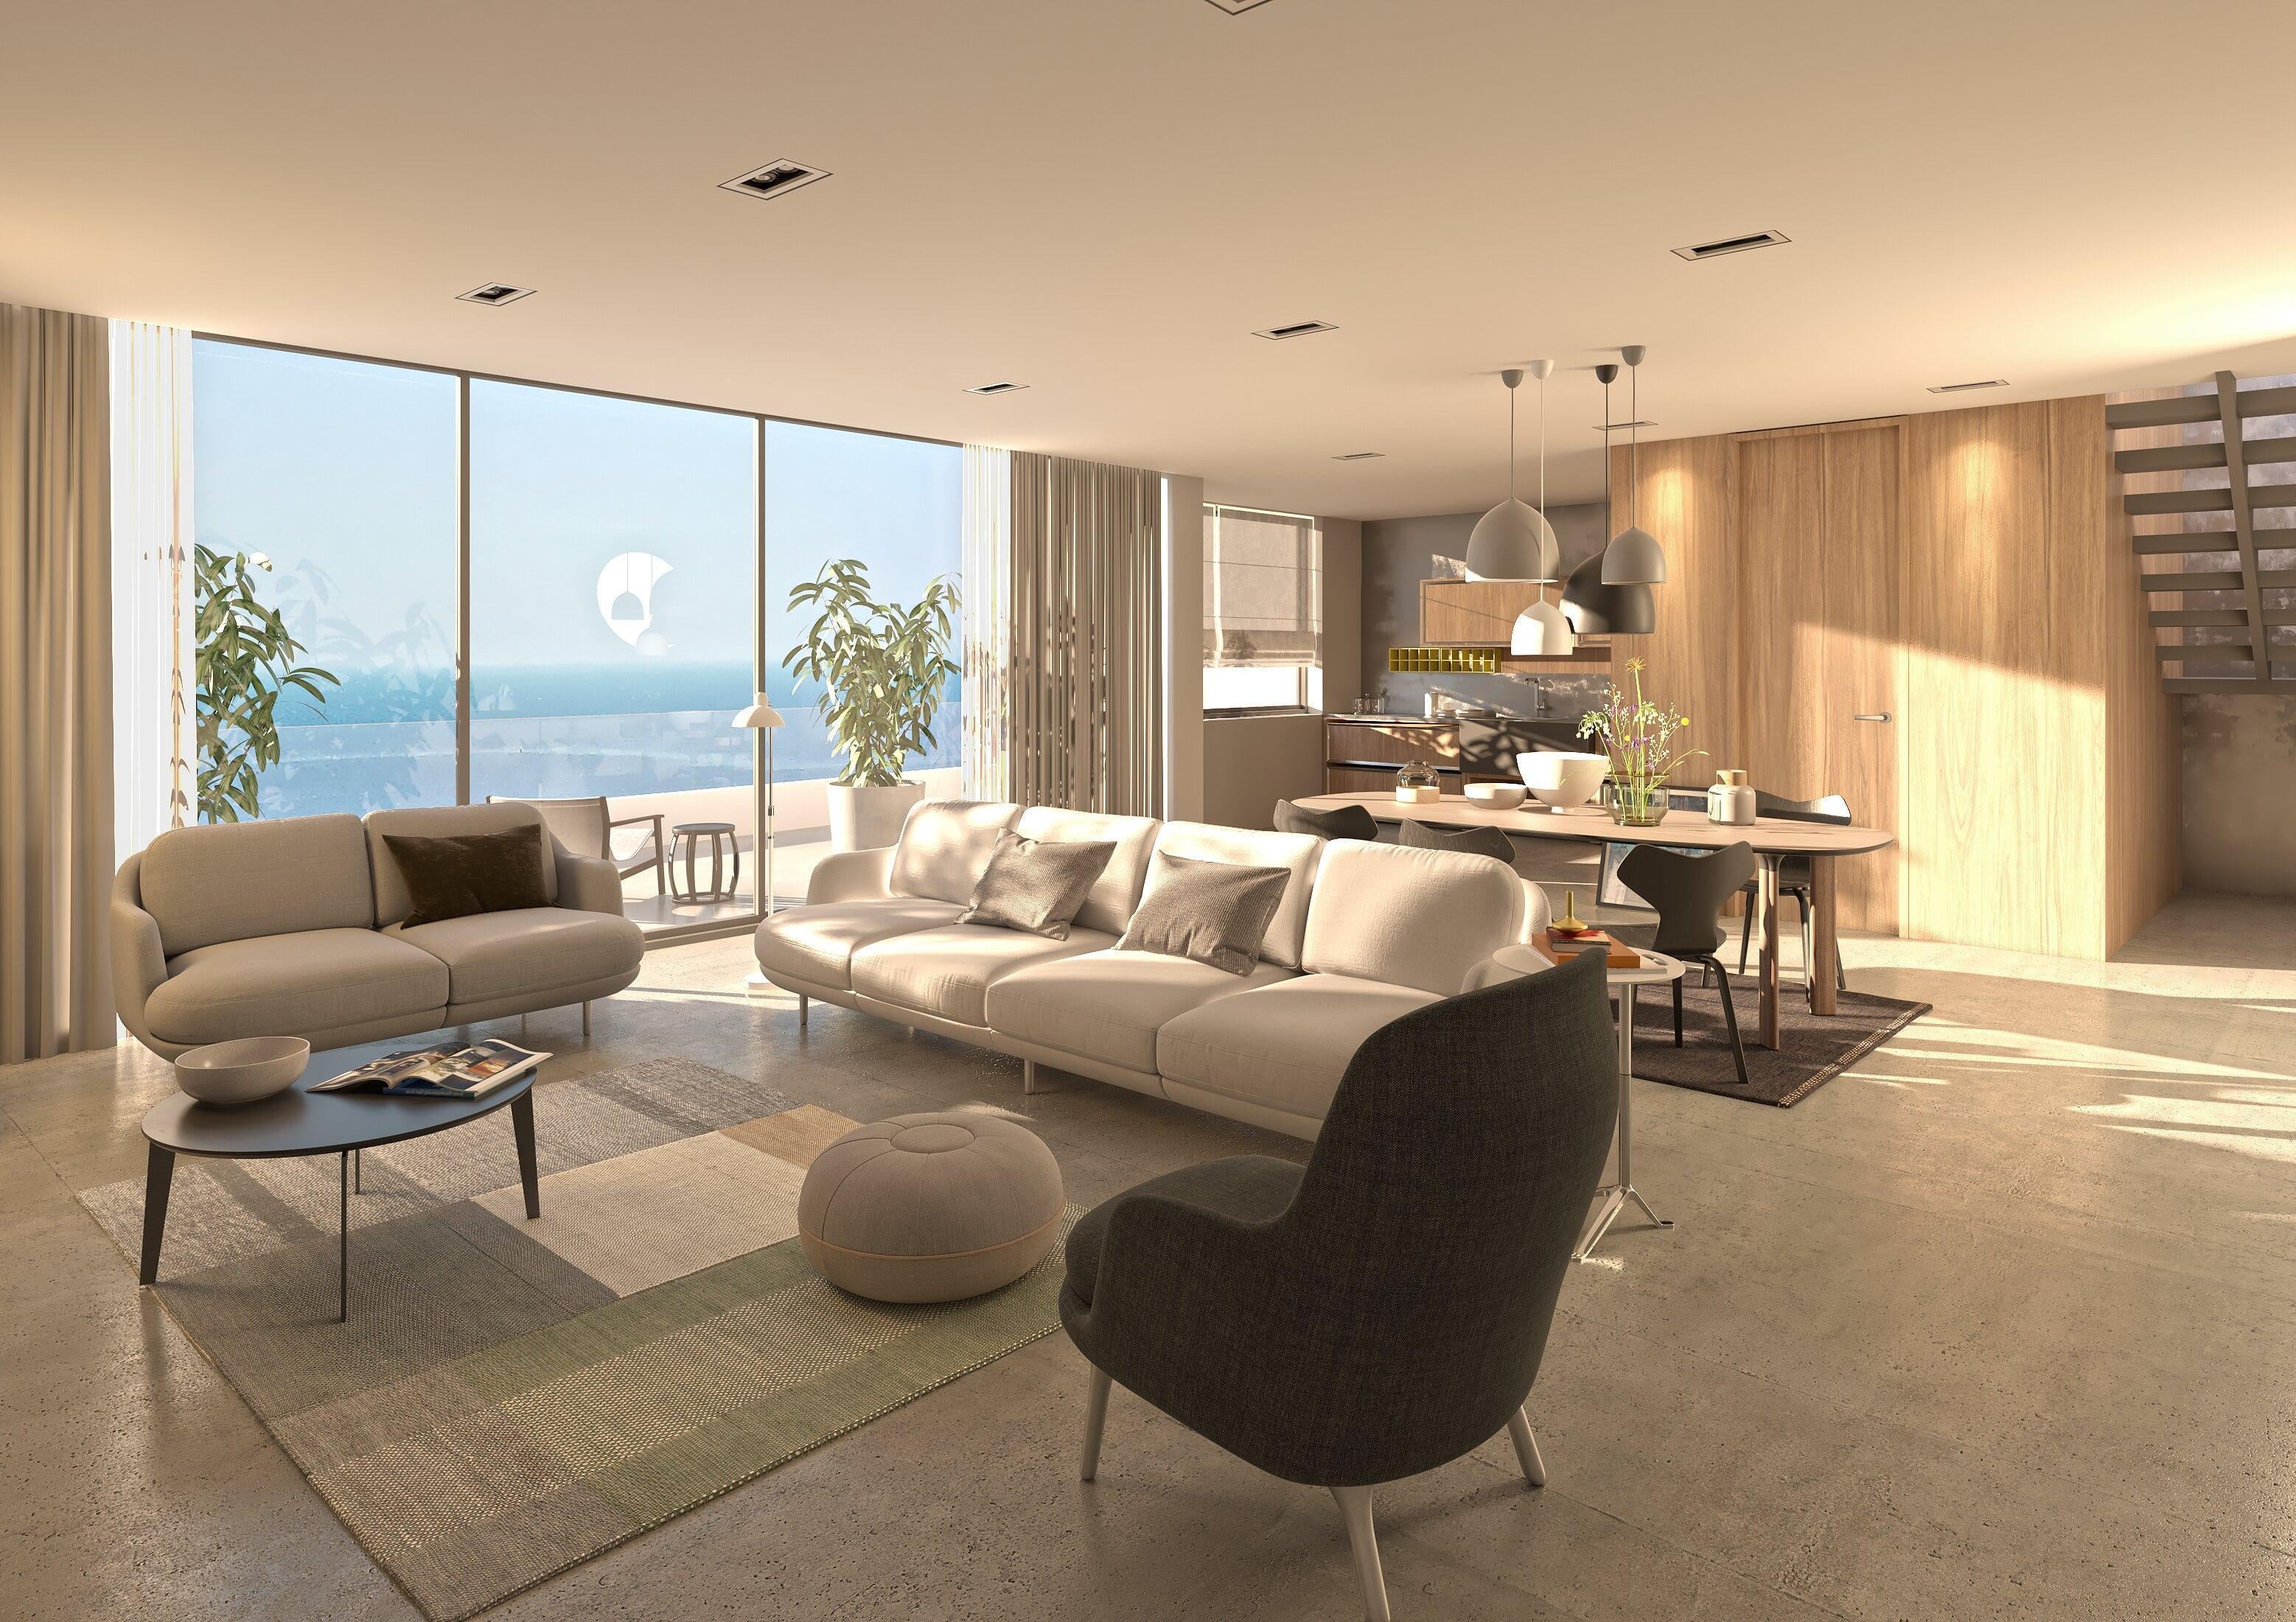 Mackenzie Tower: новый десятиэтажный жилой комплекс в Ларнаке